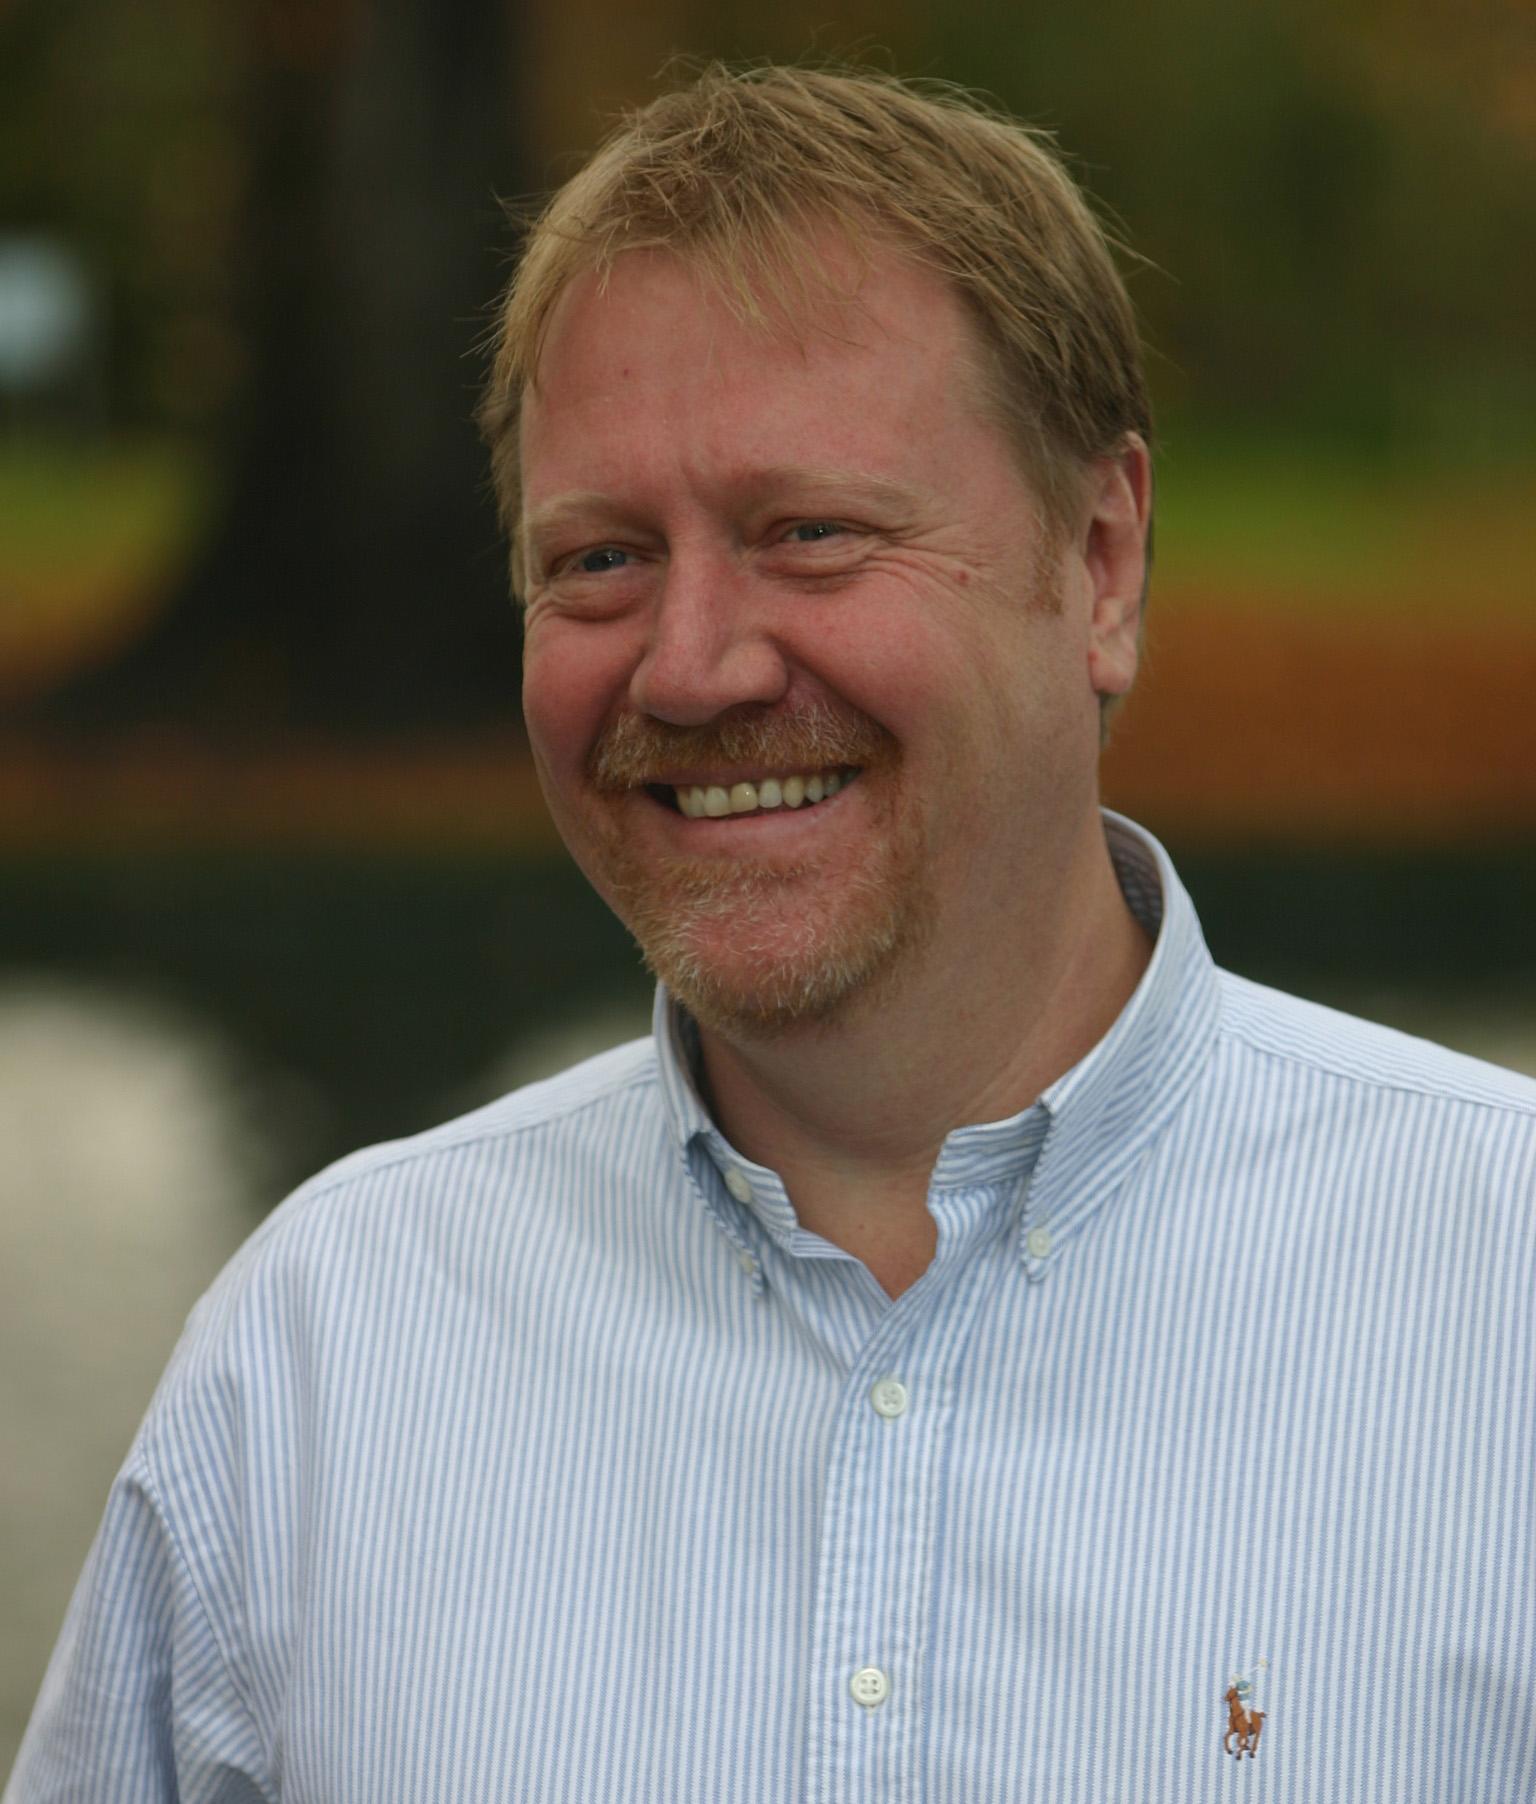 Paul Hodder